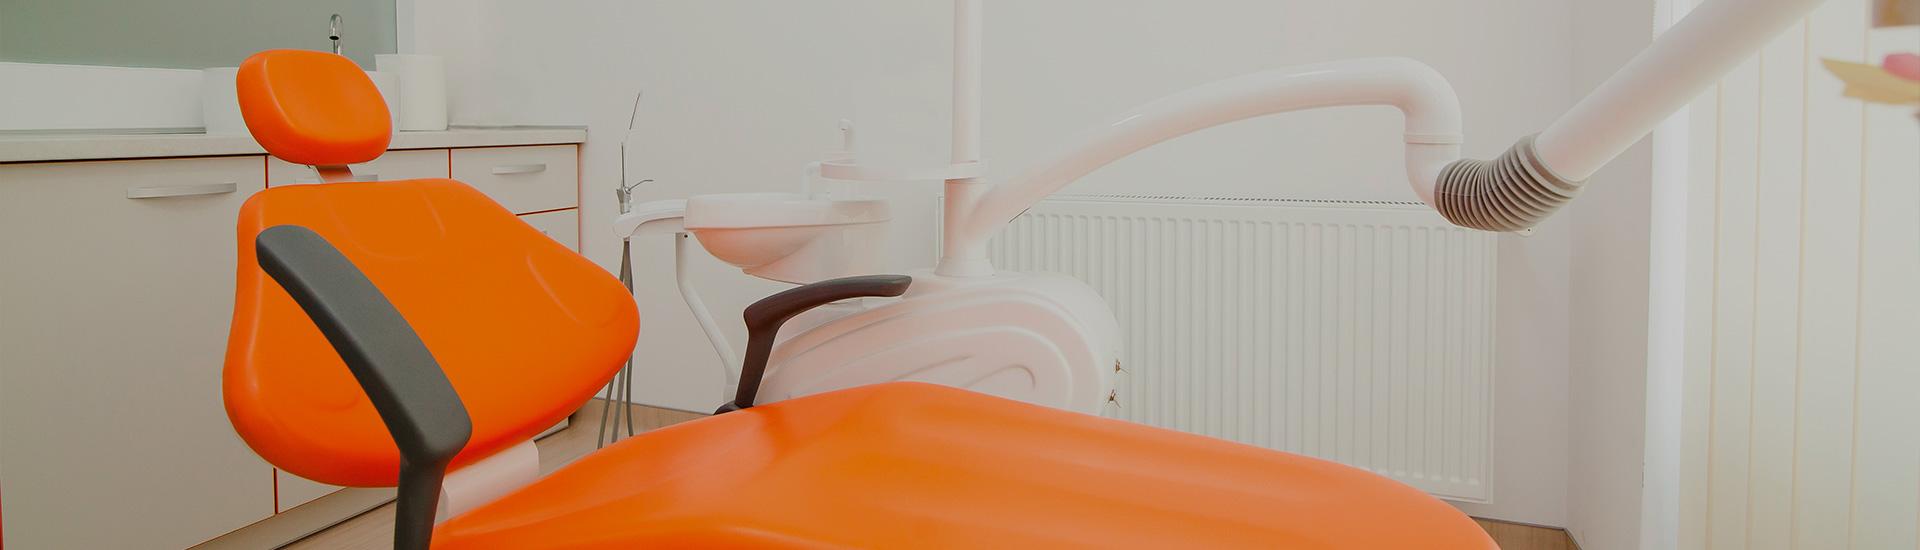 Blastdent | laboratorio dental, materiales odontologicos santiago, fabricación productos odontología